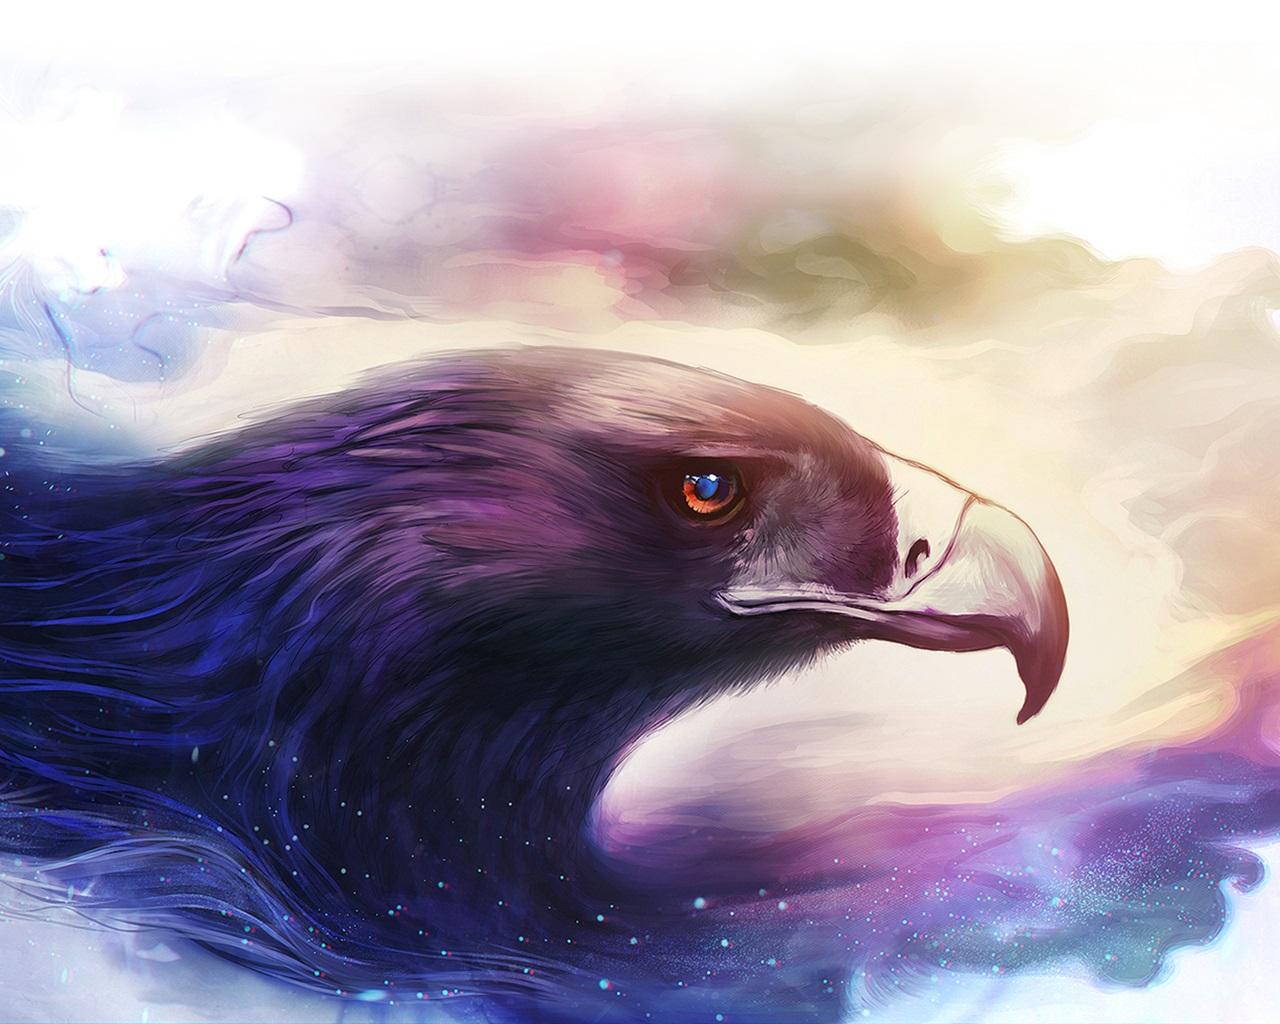 Окончанием, крутые картинки с птицами